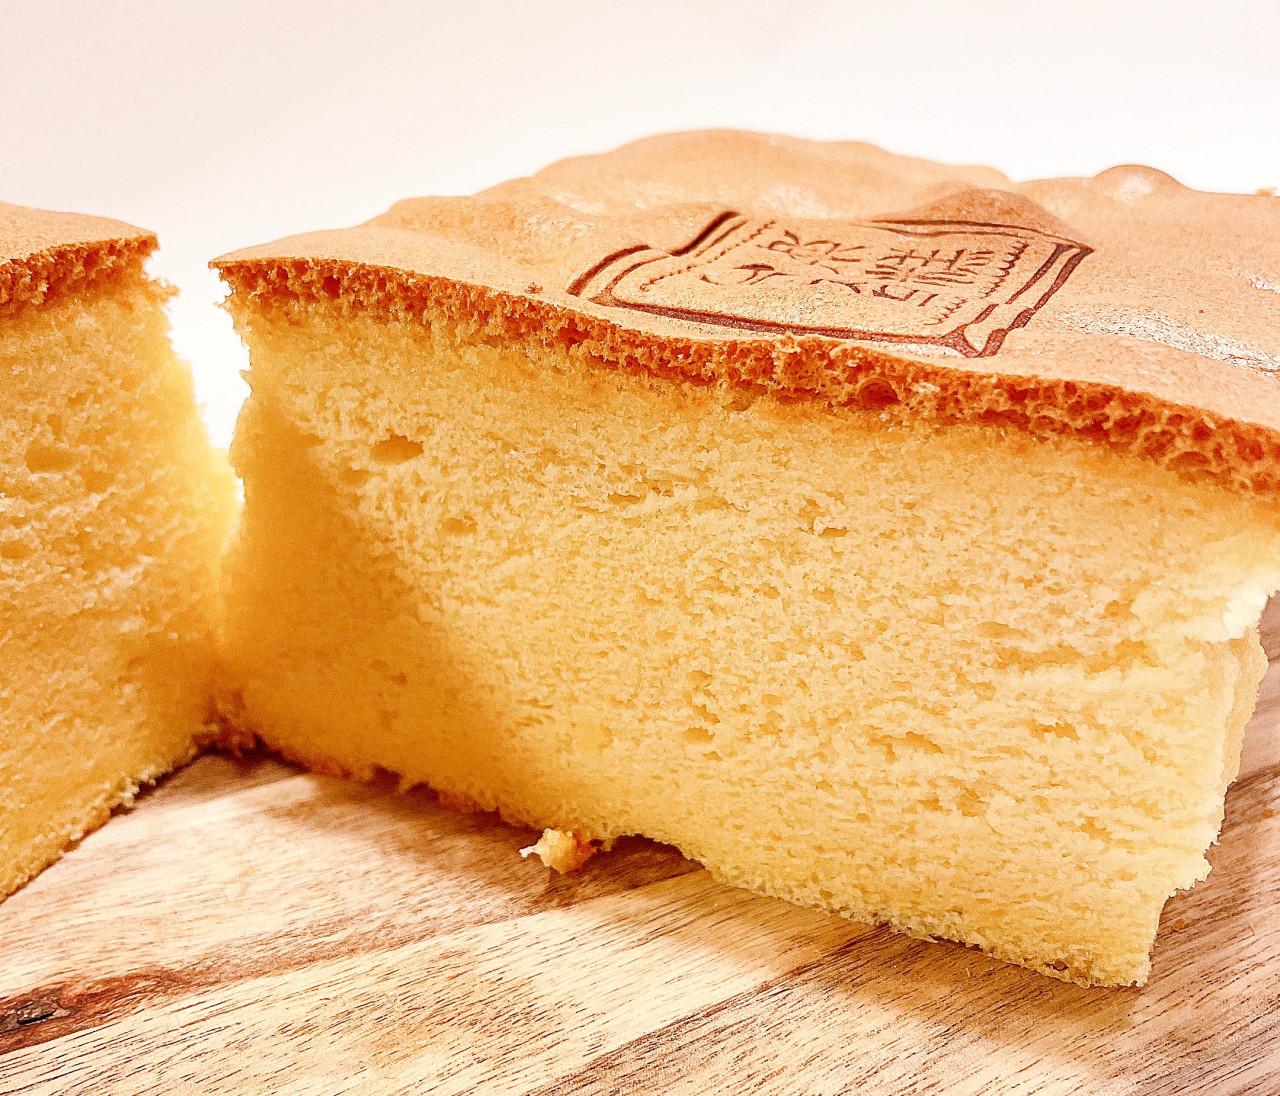 2021年スイーツトレンド大本命「台湾カステラ」!ふぁふぁ食感の「台楽蛋糕(タイラクタンガオ)」【エディター私物#272】